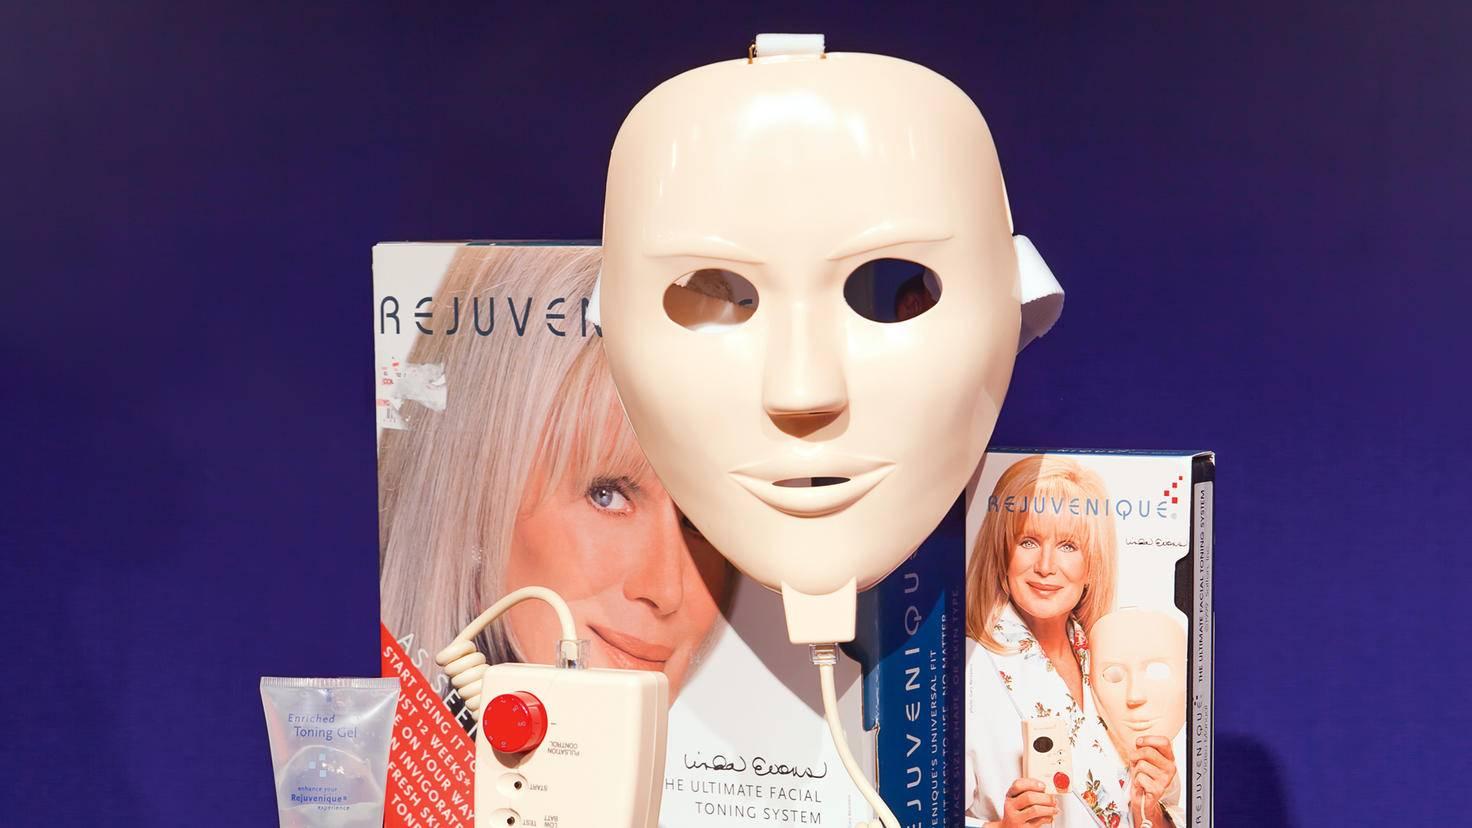 """Für die """"Rejuvenique""""-Maske warb Linda Evans aus der TV-Serie """"Denver-Clan"""". Die Maske schickte Elektrostöße auf die Falten."""